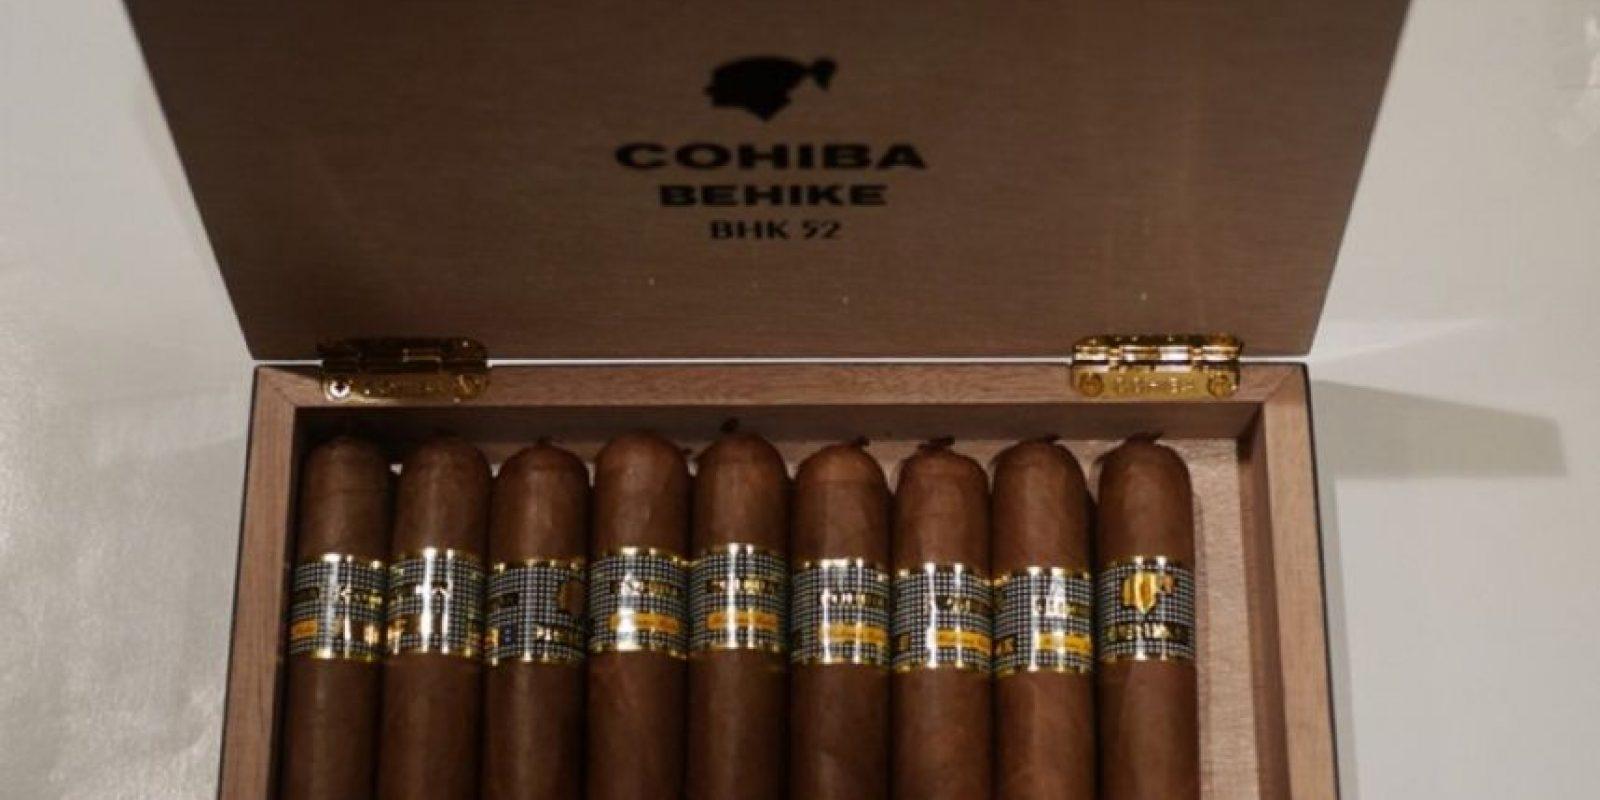 Puros Cohiba Behike 56. Este cigarro se comercializa solamente bajo pedido exclusivo de sus distribuidores. Foto:Vía Instagram